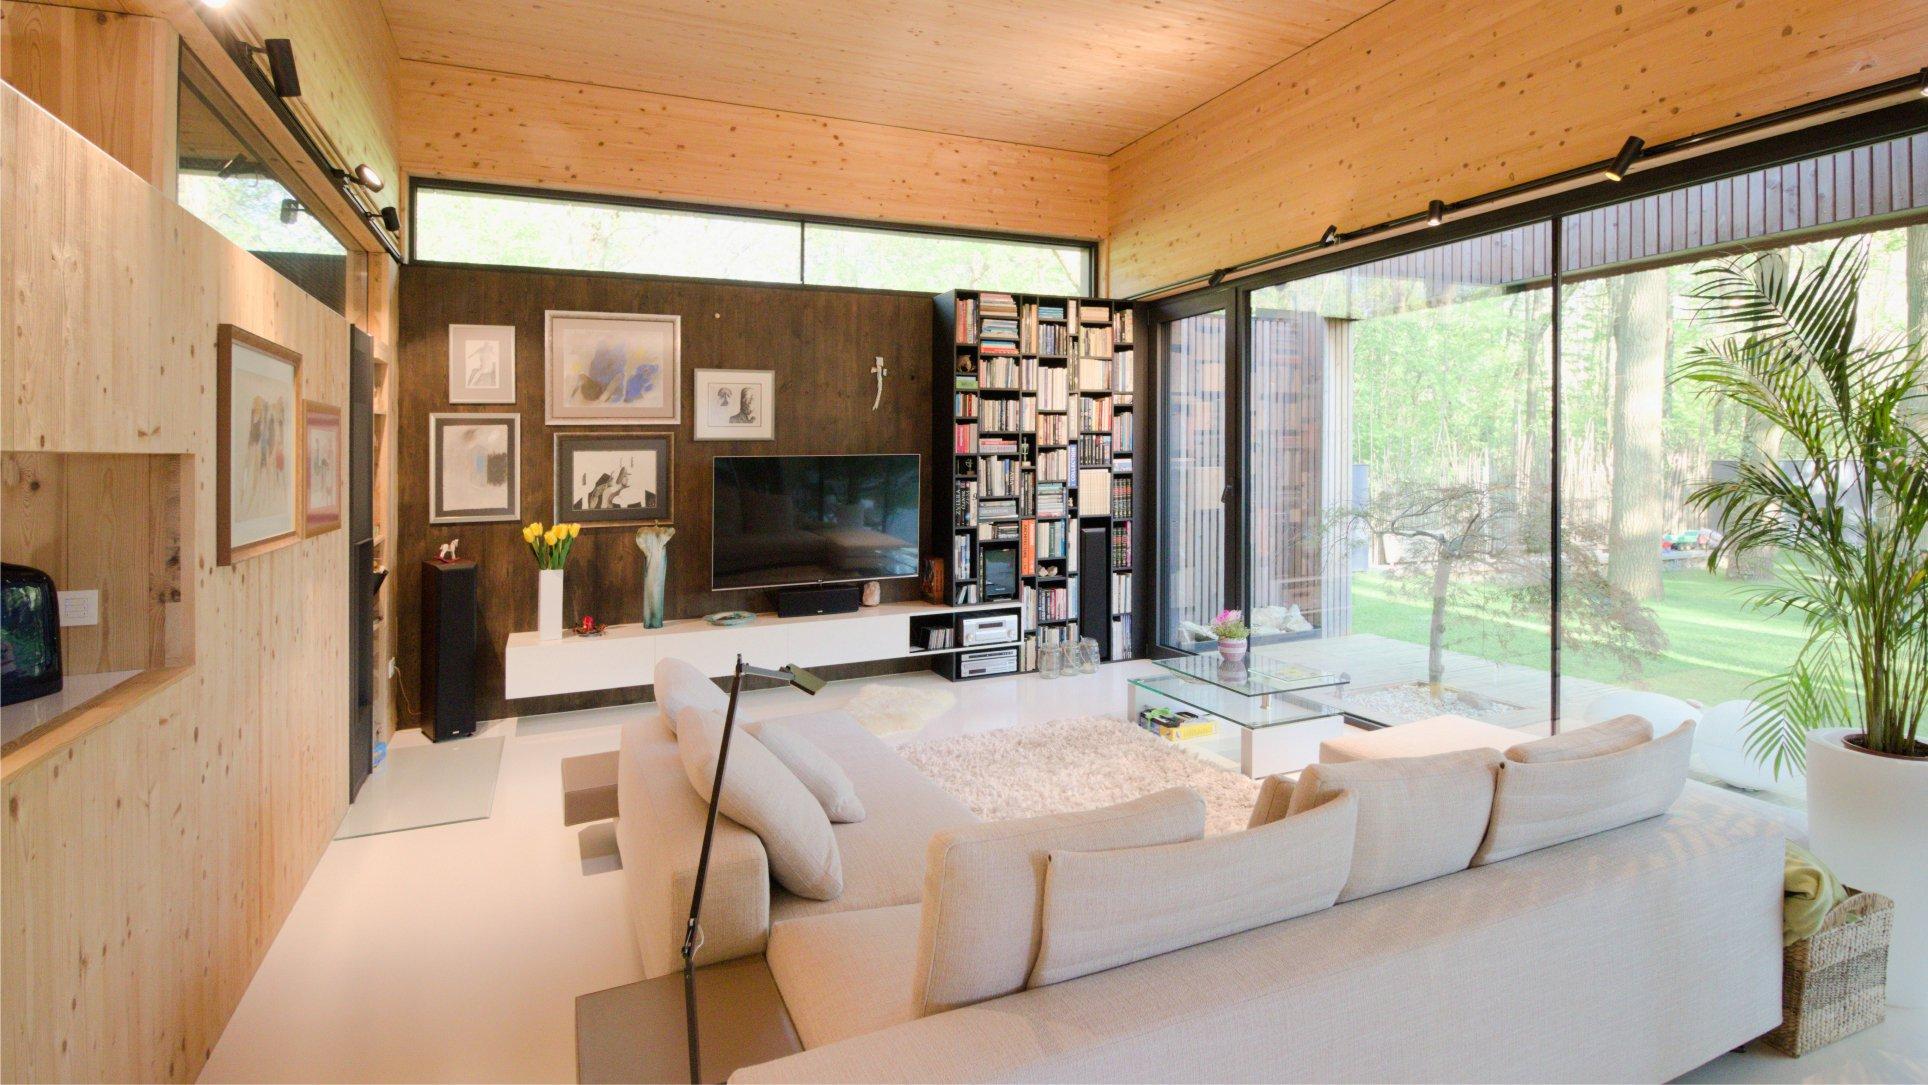 Drevodom s priznaným drevom v interiéri